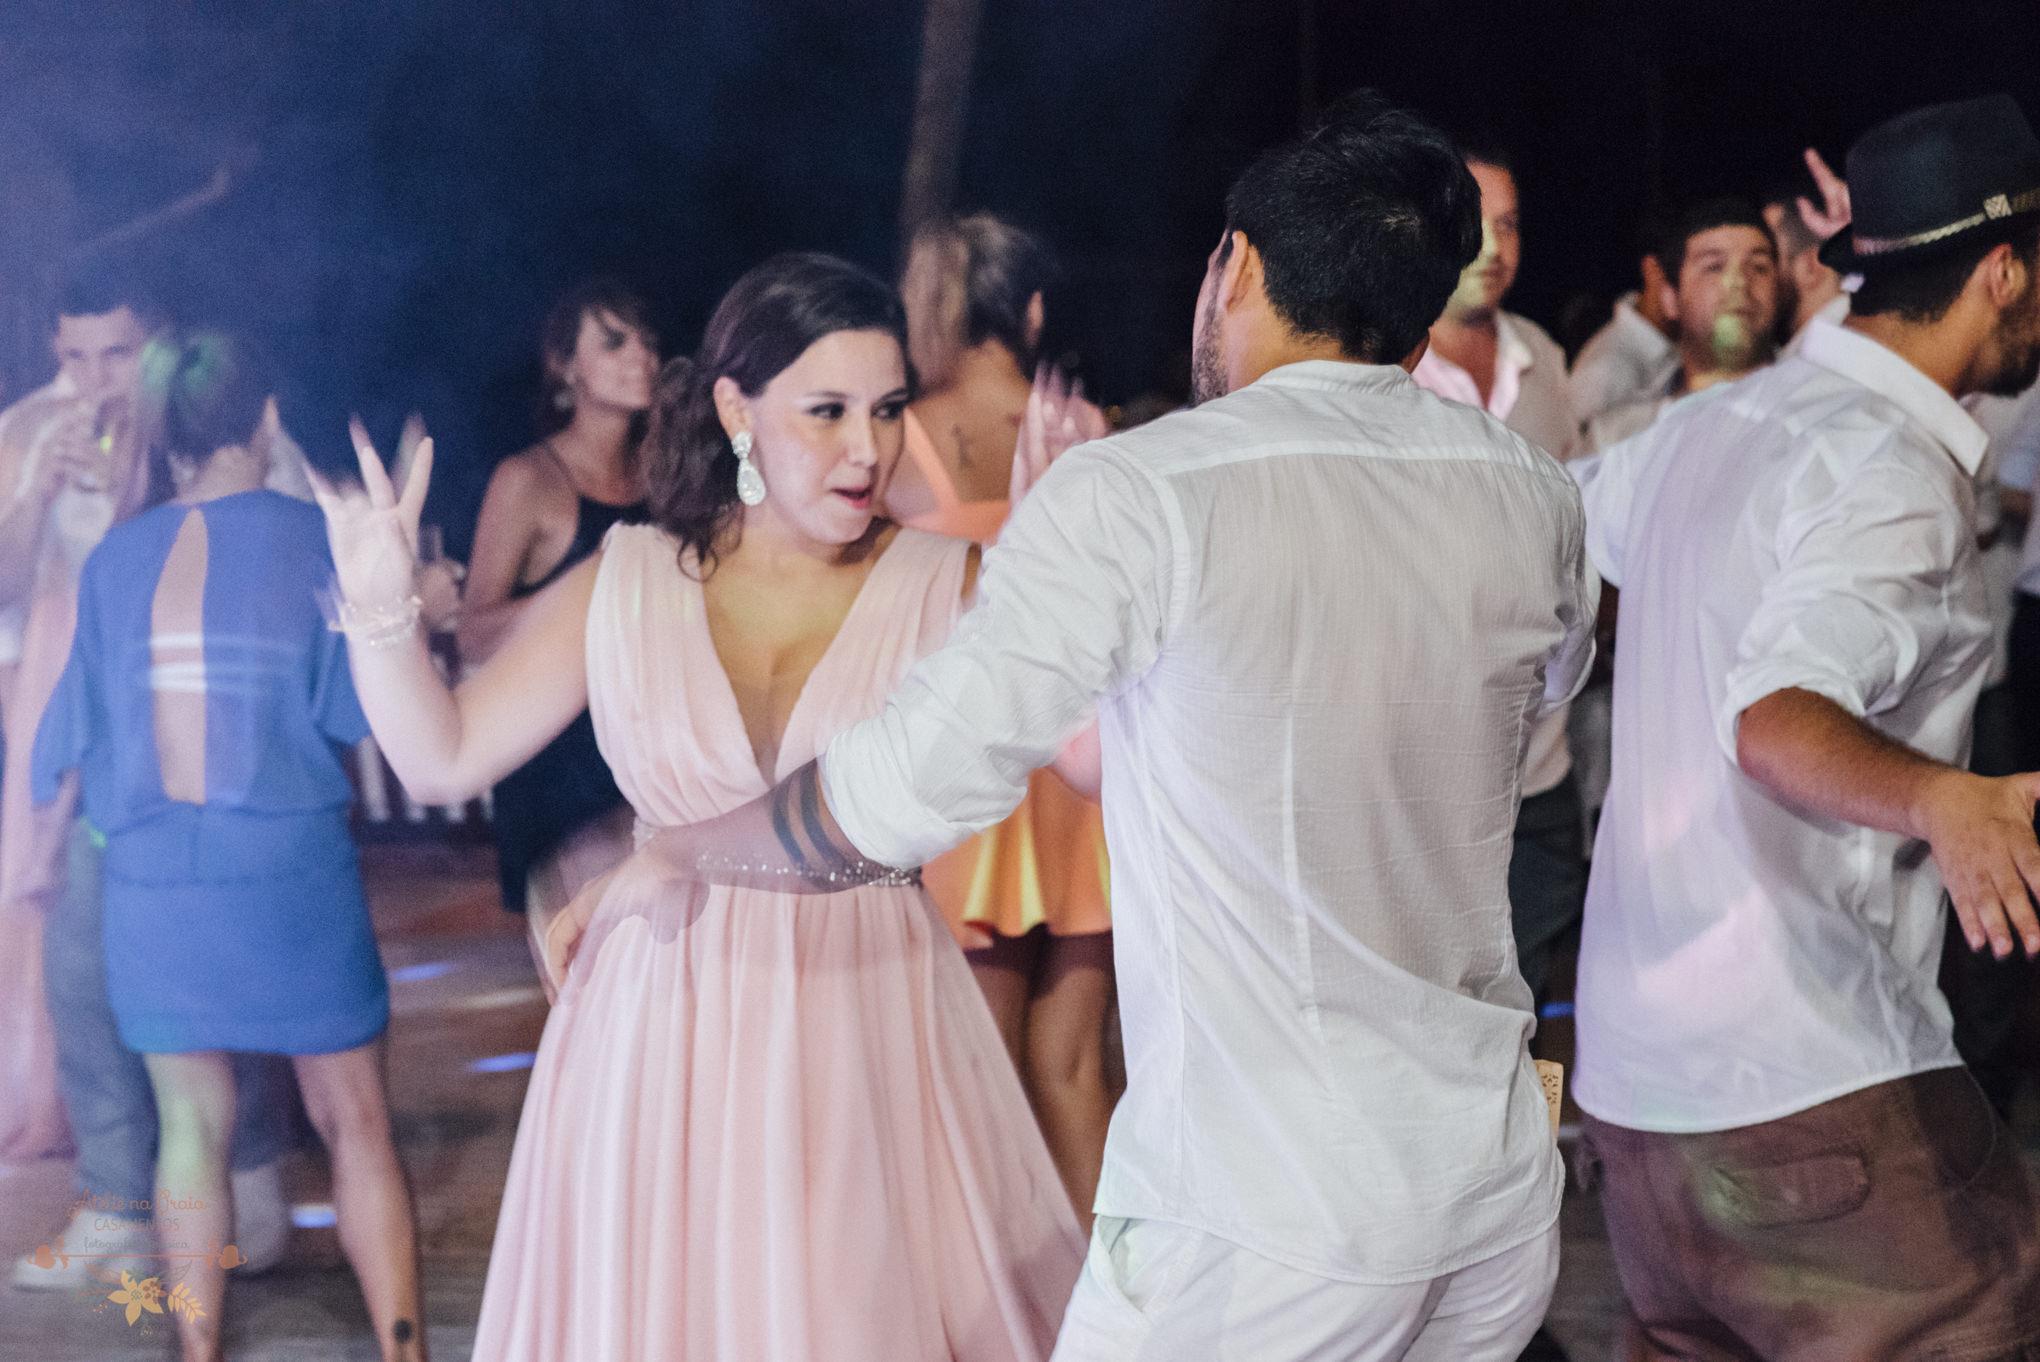 07-Festa-Atelie-na-Praia-Casamento-na-Praia-Natalia-Felipe-PQ-0266A